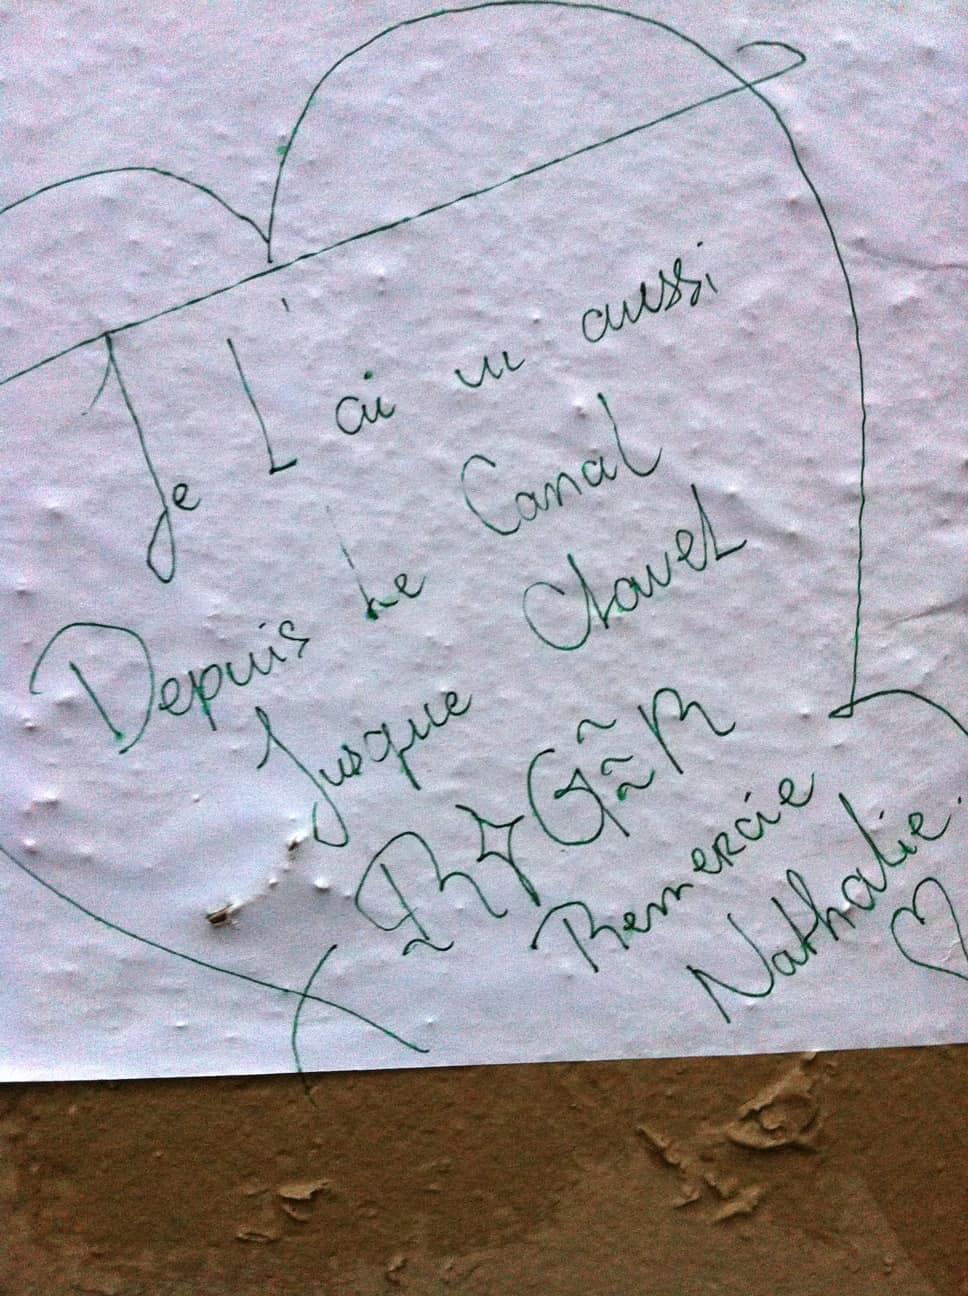 Le monsieur du boulevard saint martin, nathalieman, paris, poesie